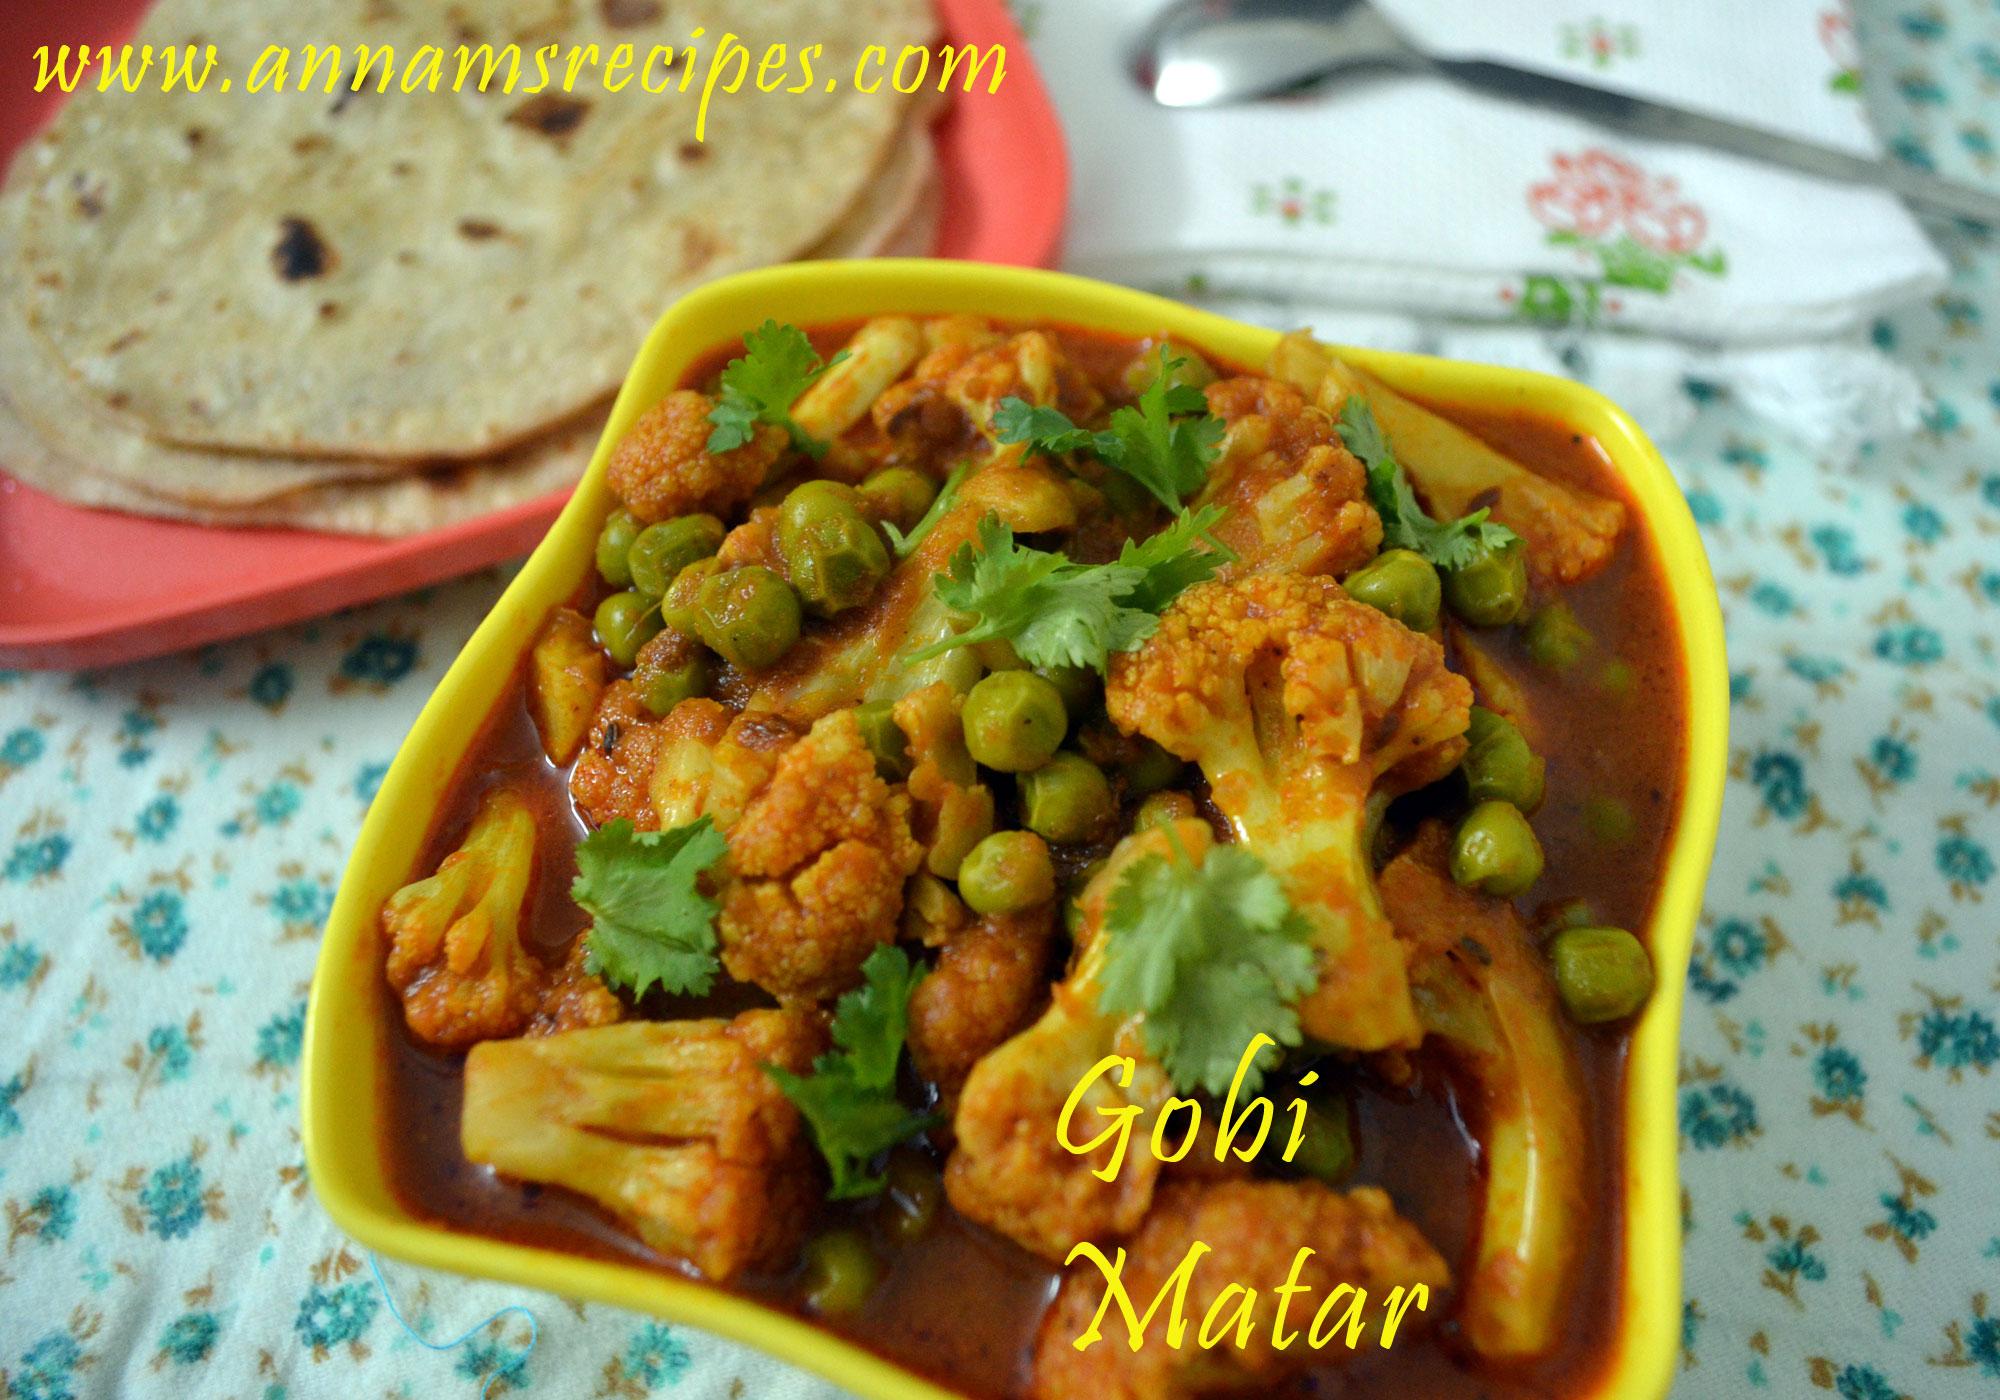 Gobi Matar